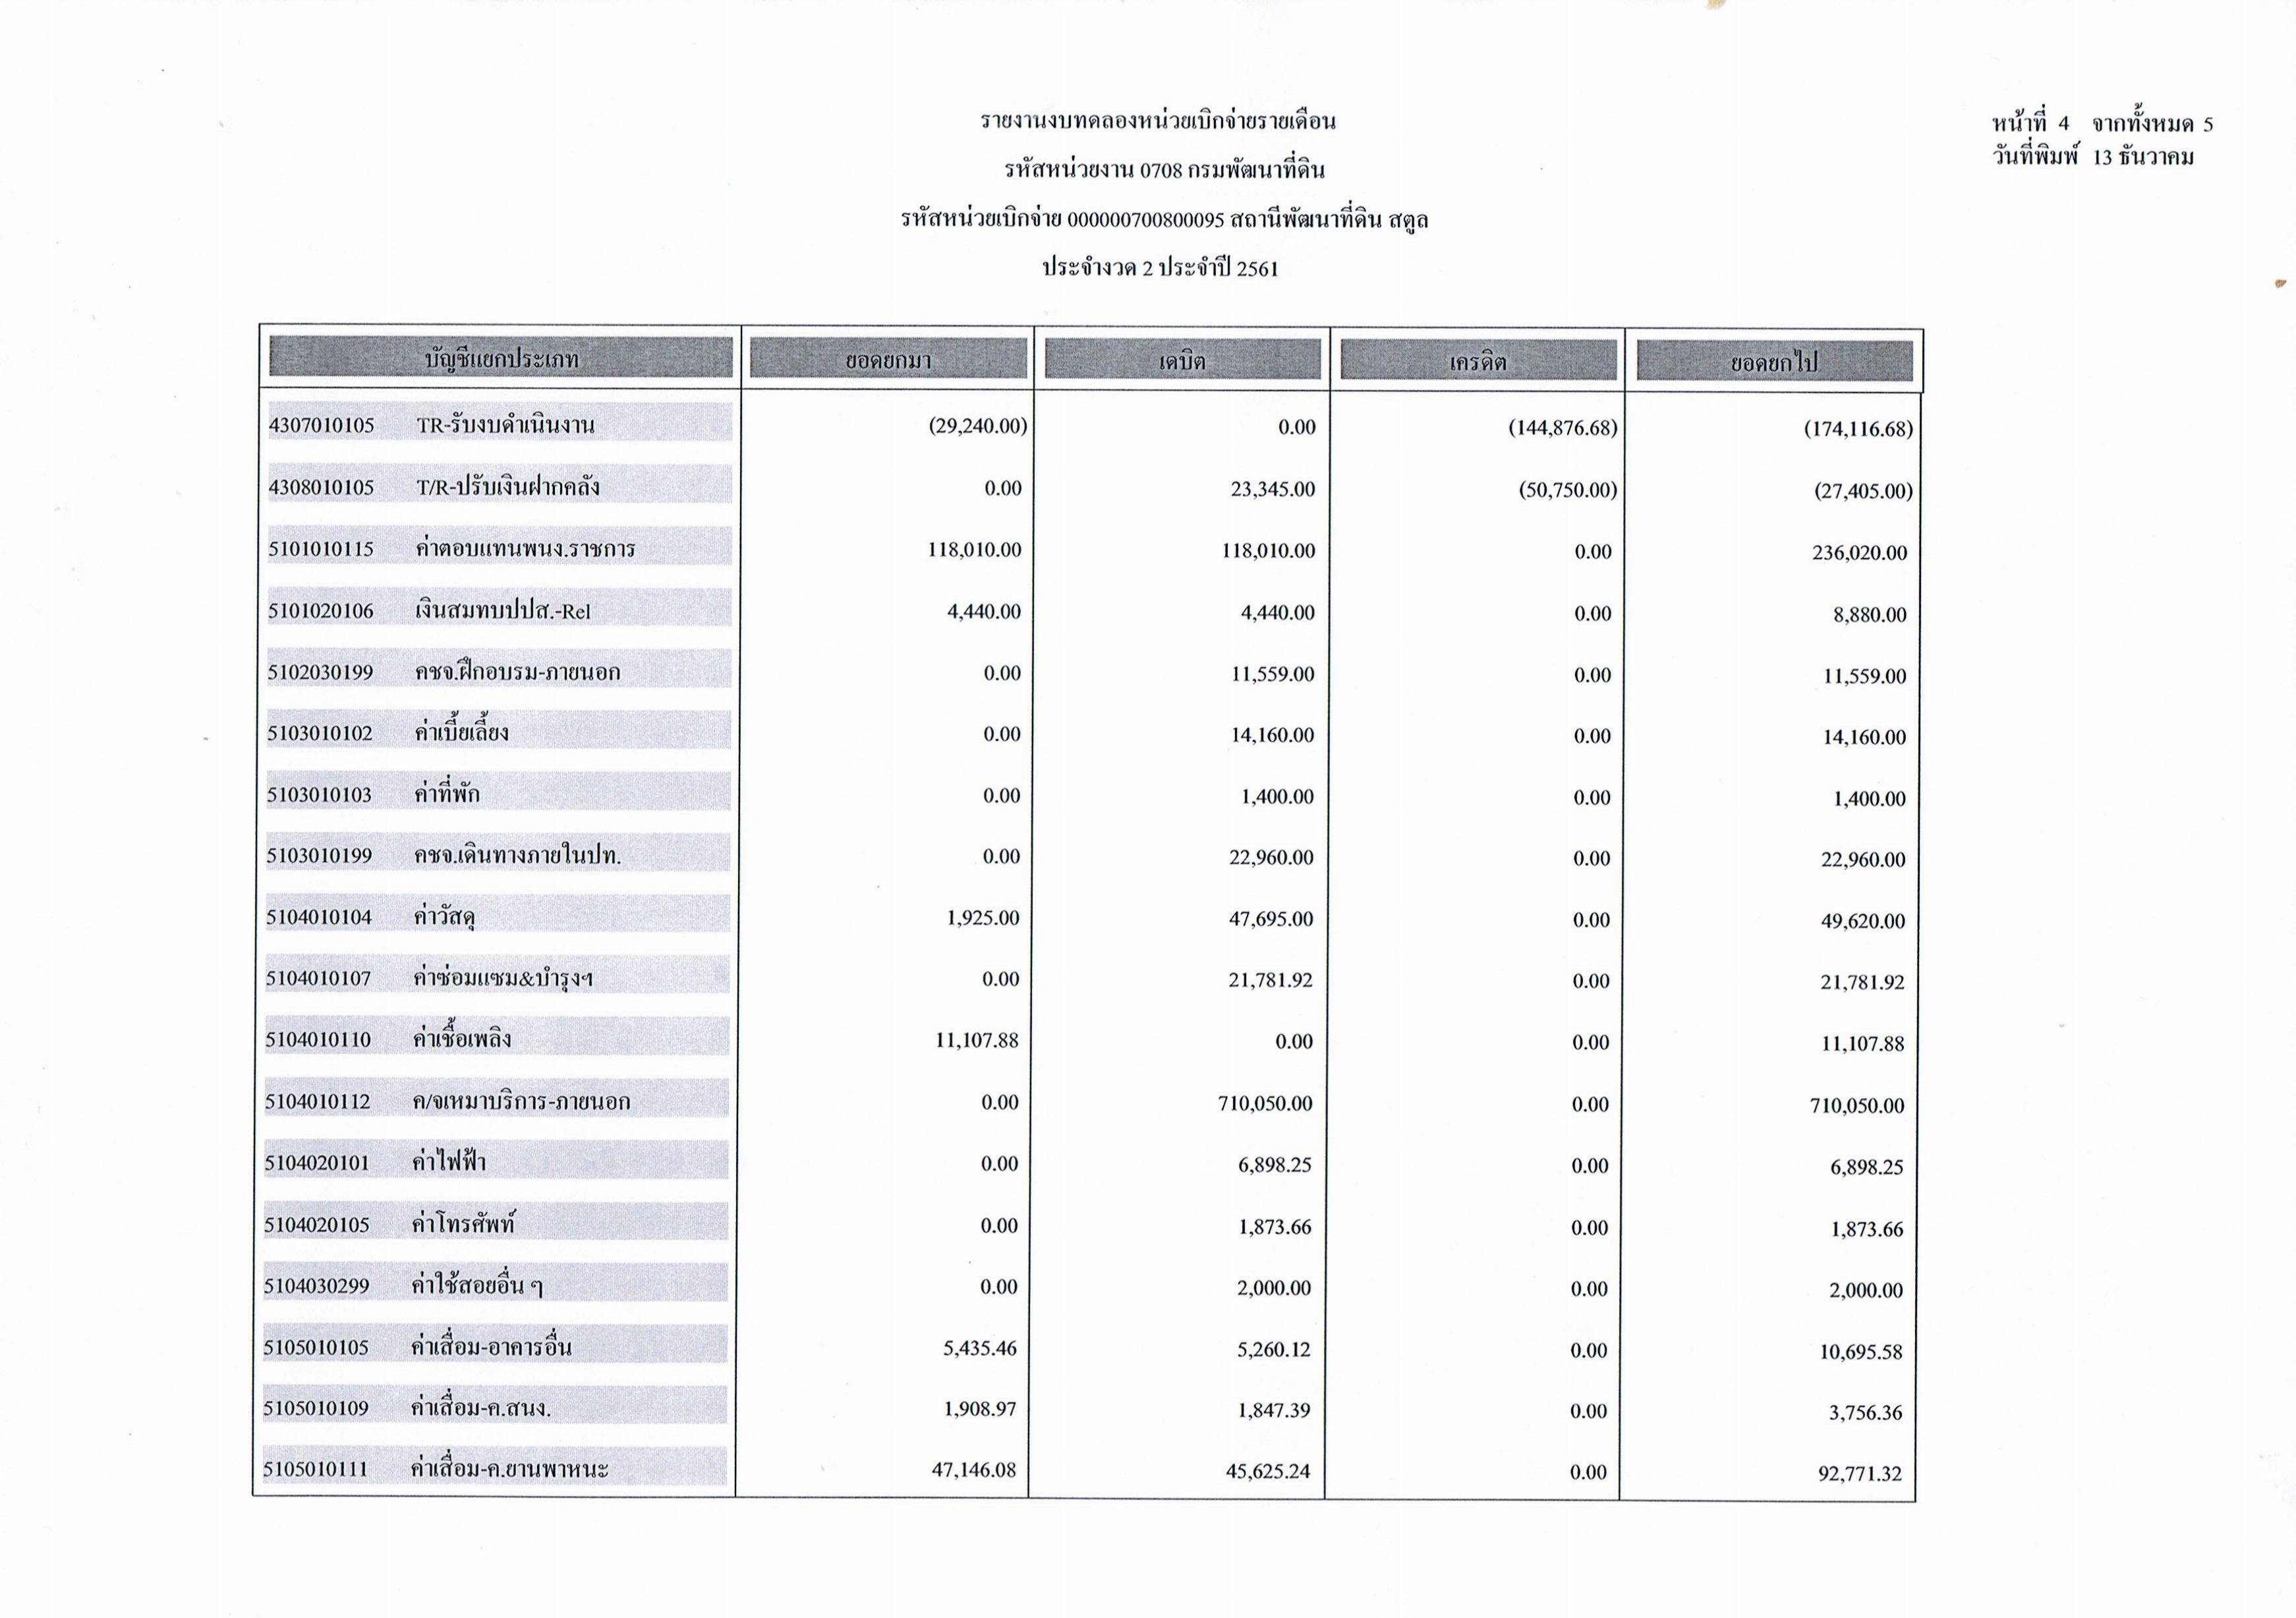 รายงานงบทดลองหน่วยเบิกจ่ายรายเดือน ประจำงวดที่ 2 ประจำปี 2561 หน้า 4